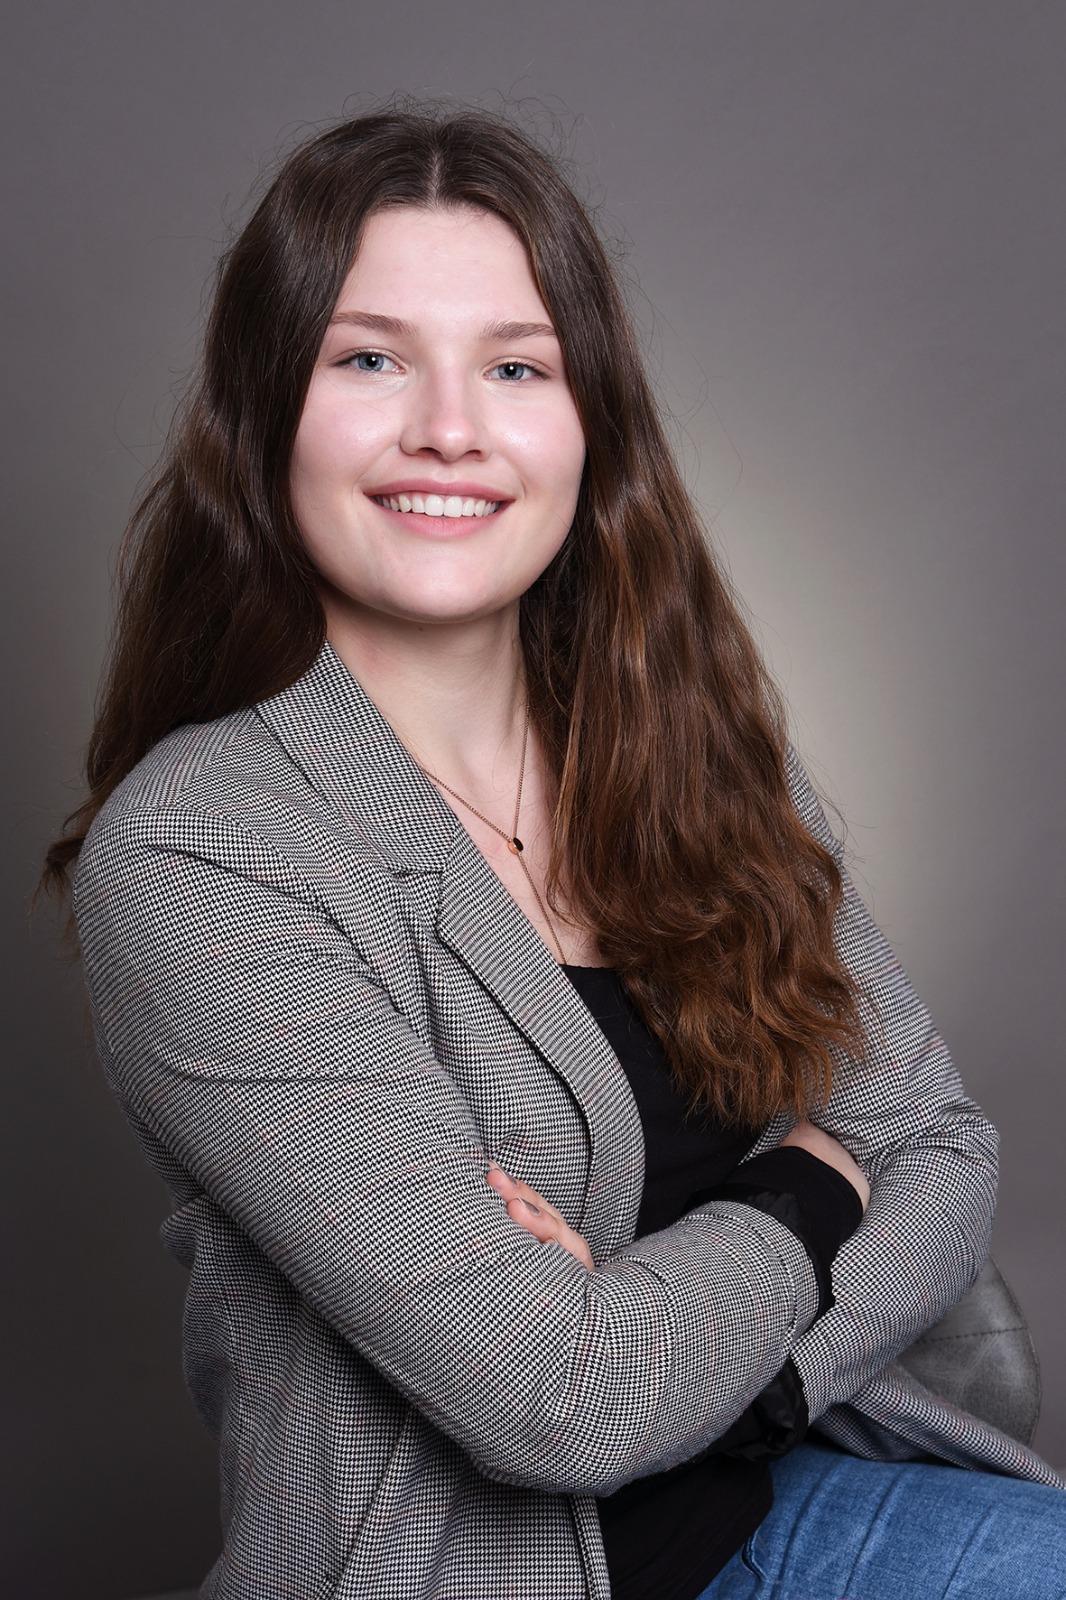 Emma Schultz